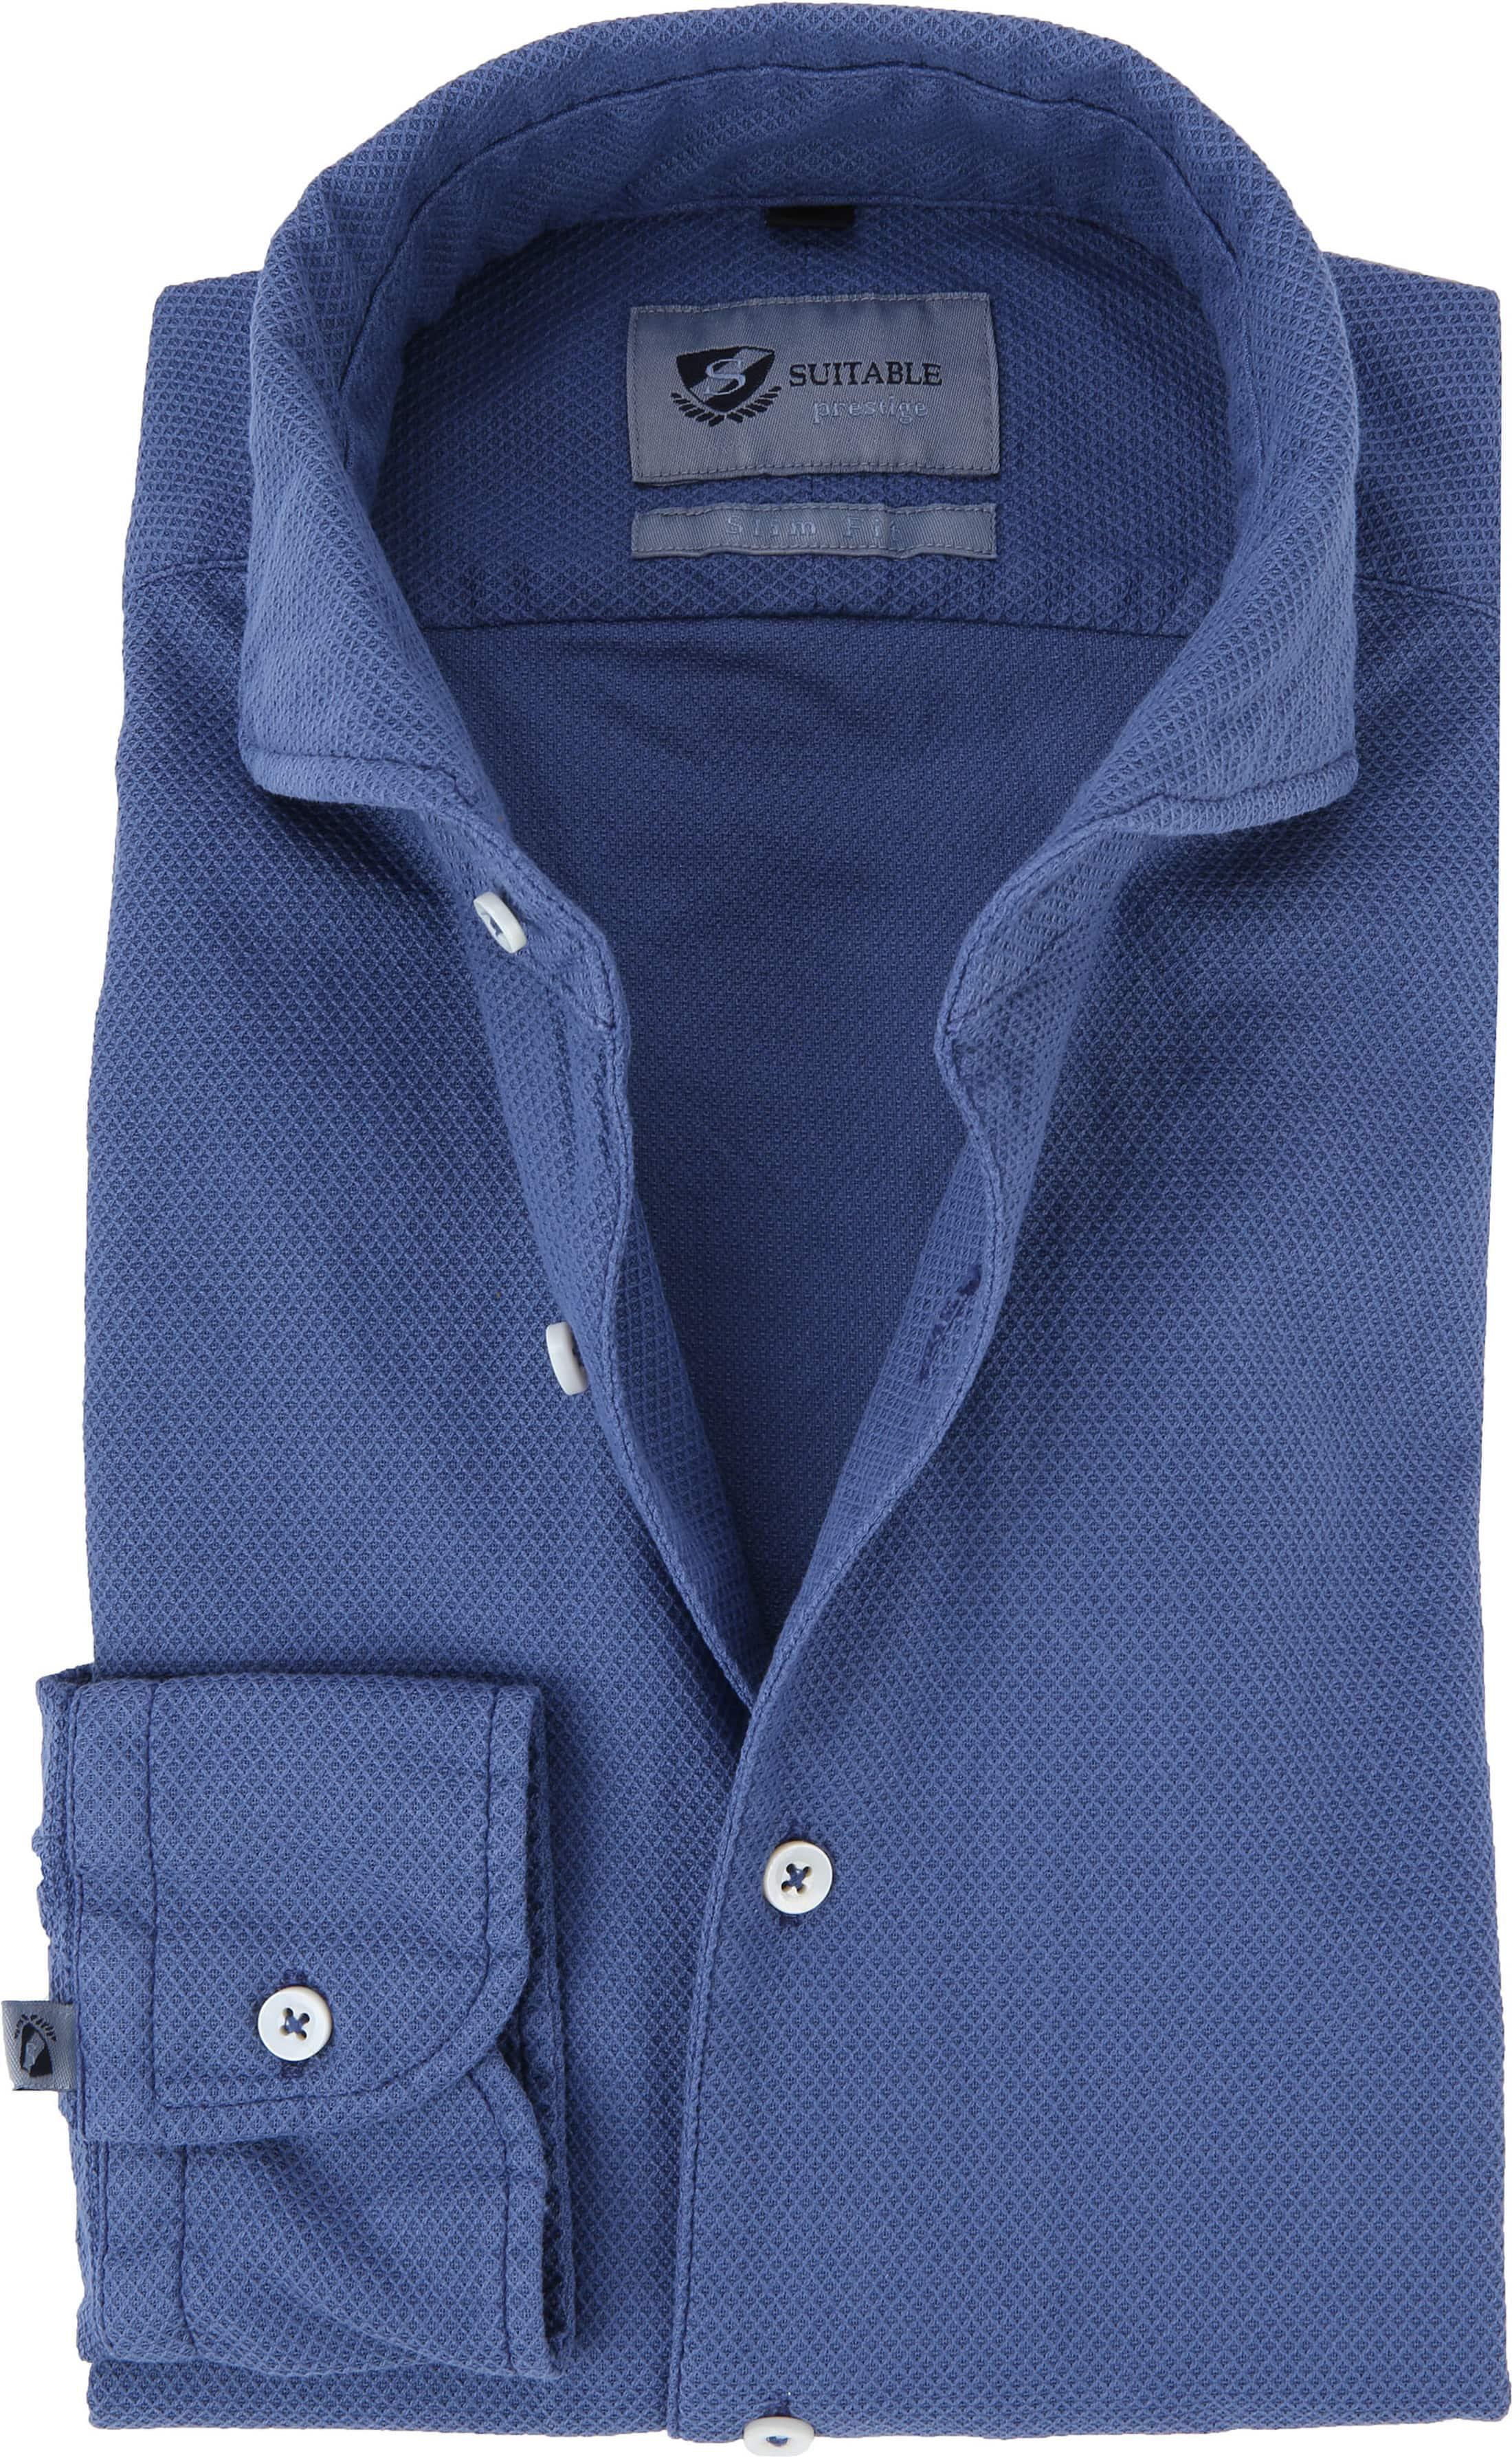 1171751c8c8 goeie rap maken Suitable Prestige Overhemd Blauw foto 0